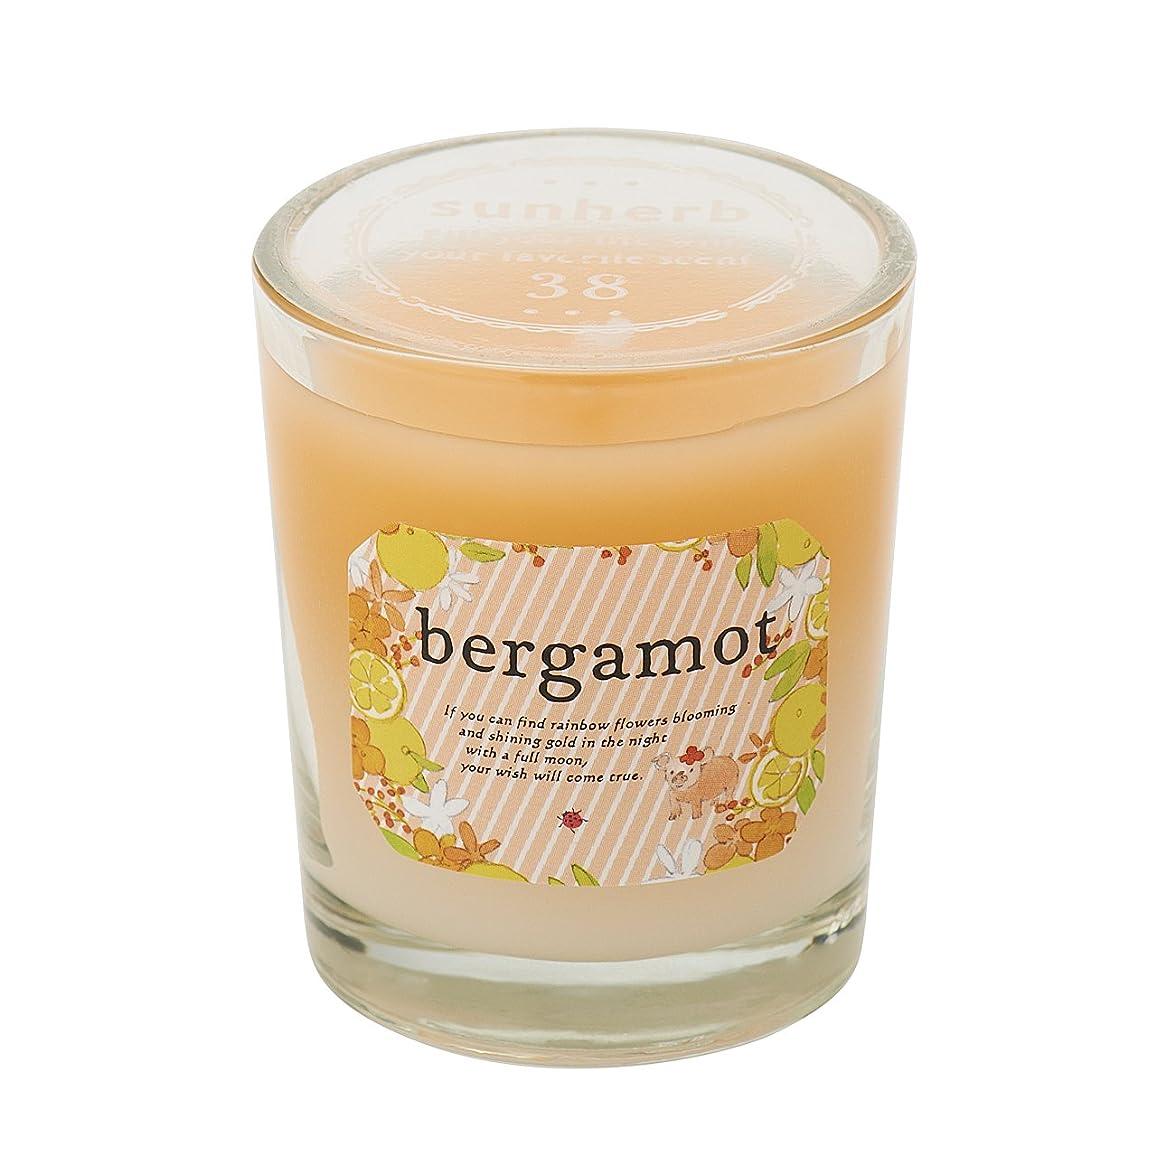 傑出したハチ偉業サンハーブ グラスキャンドル ベルガモット 35g(グラデーションろうそく 燃焼時間約10時間 懐かしい甘酸っぱい香り)